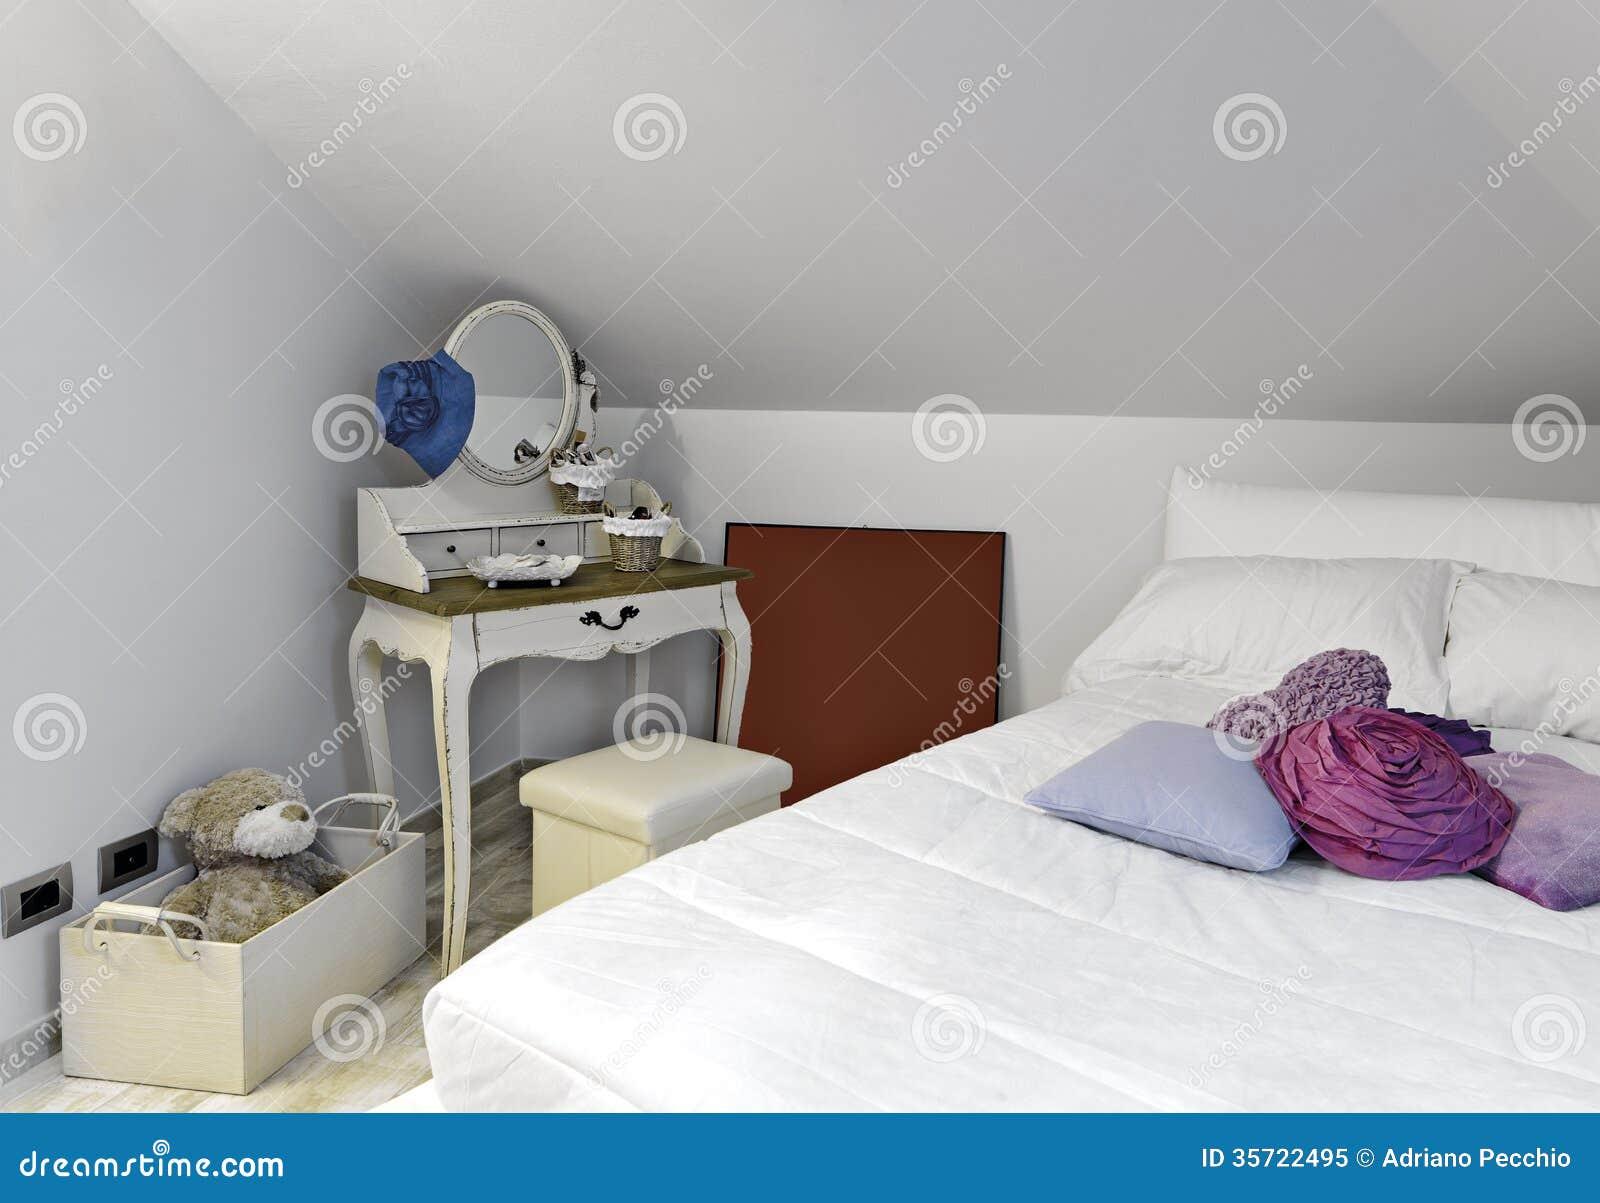 Chambre à Coucher Moderne Pour La Fille Photo libre de droits ...